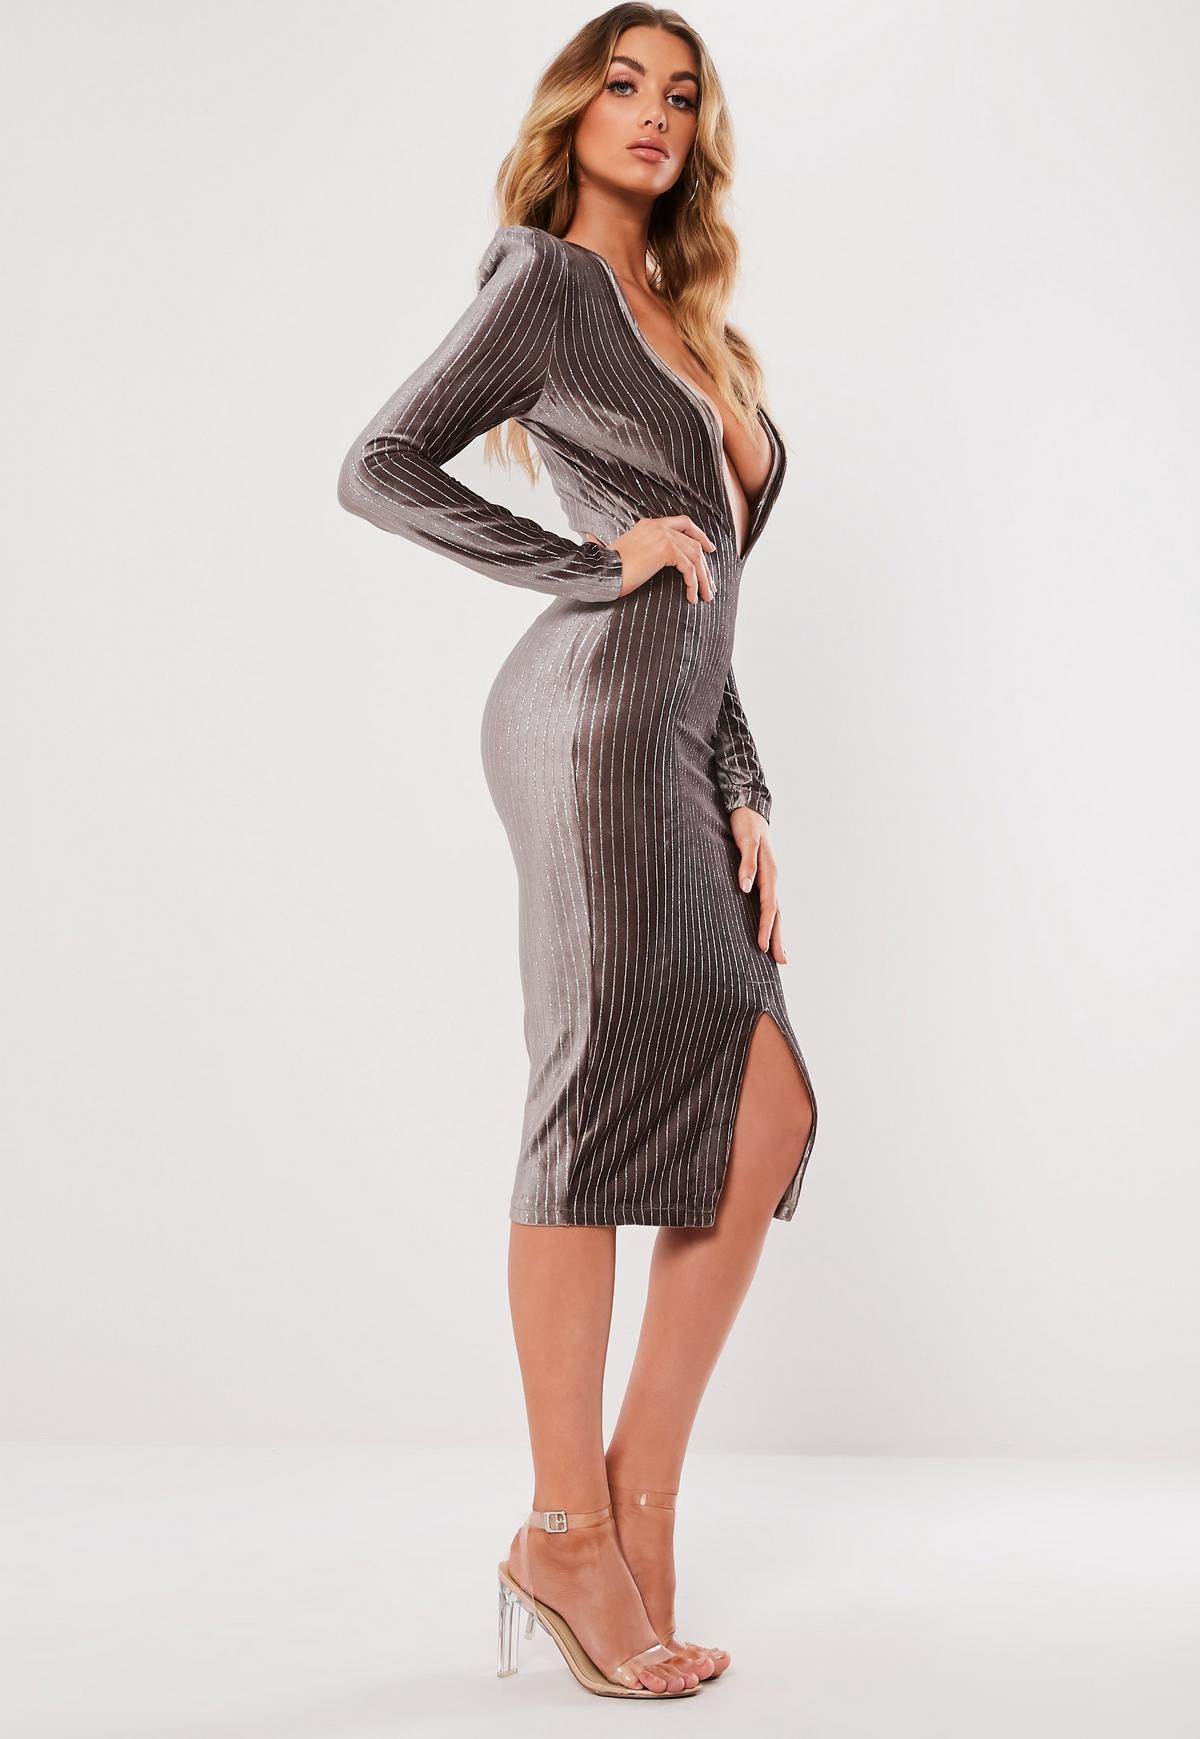 Gestreiftes, metallisches Kleid mit tiefem Ausschnitt in Grau